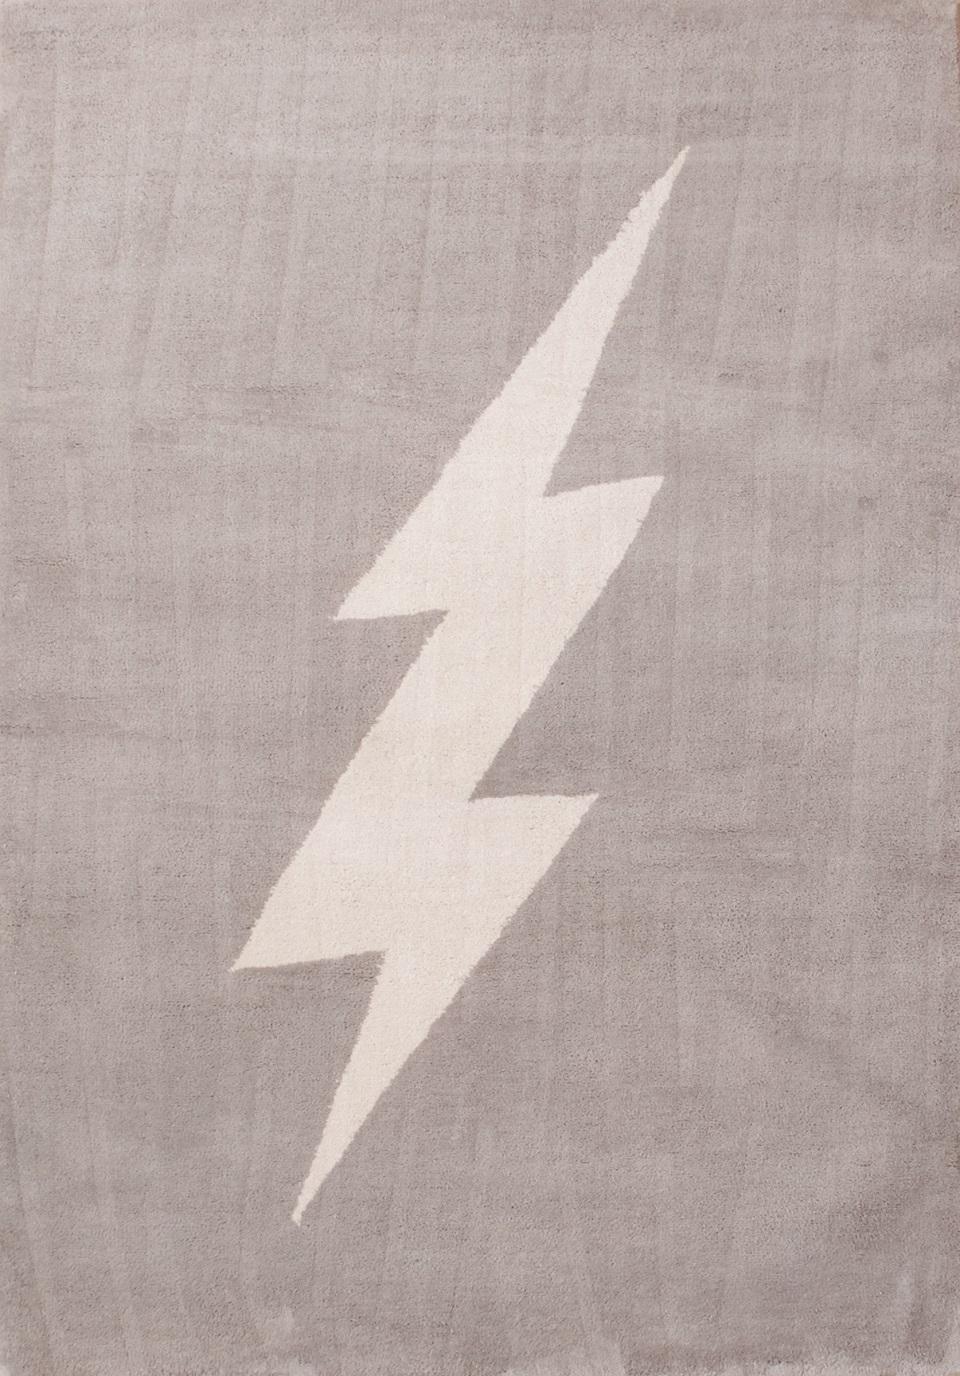 <p>Koberec s bleskem. 230*160cm. 100% měkký akryl.</p>